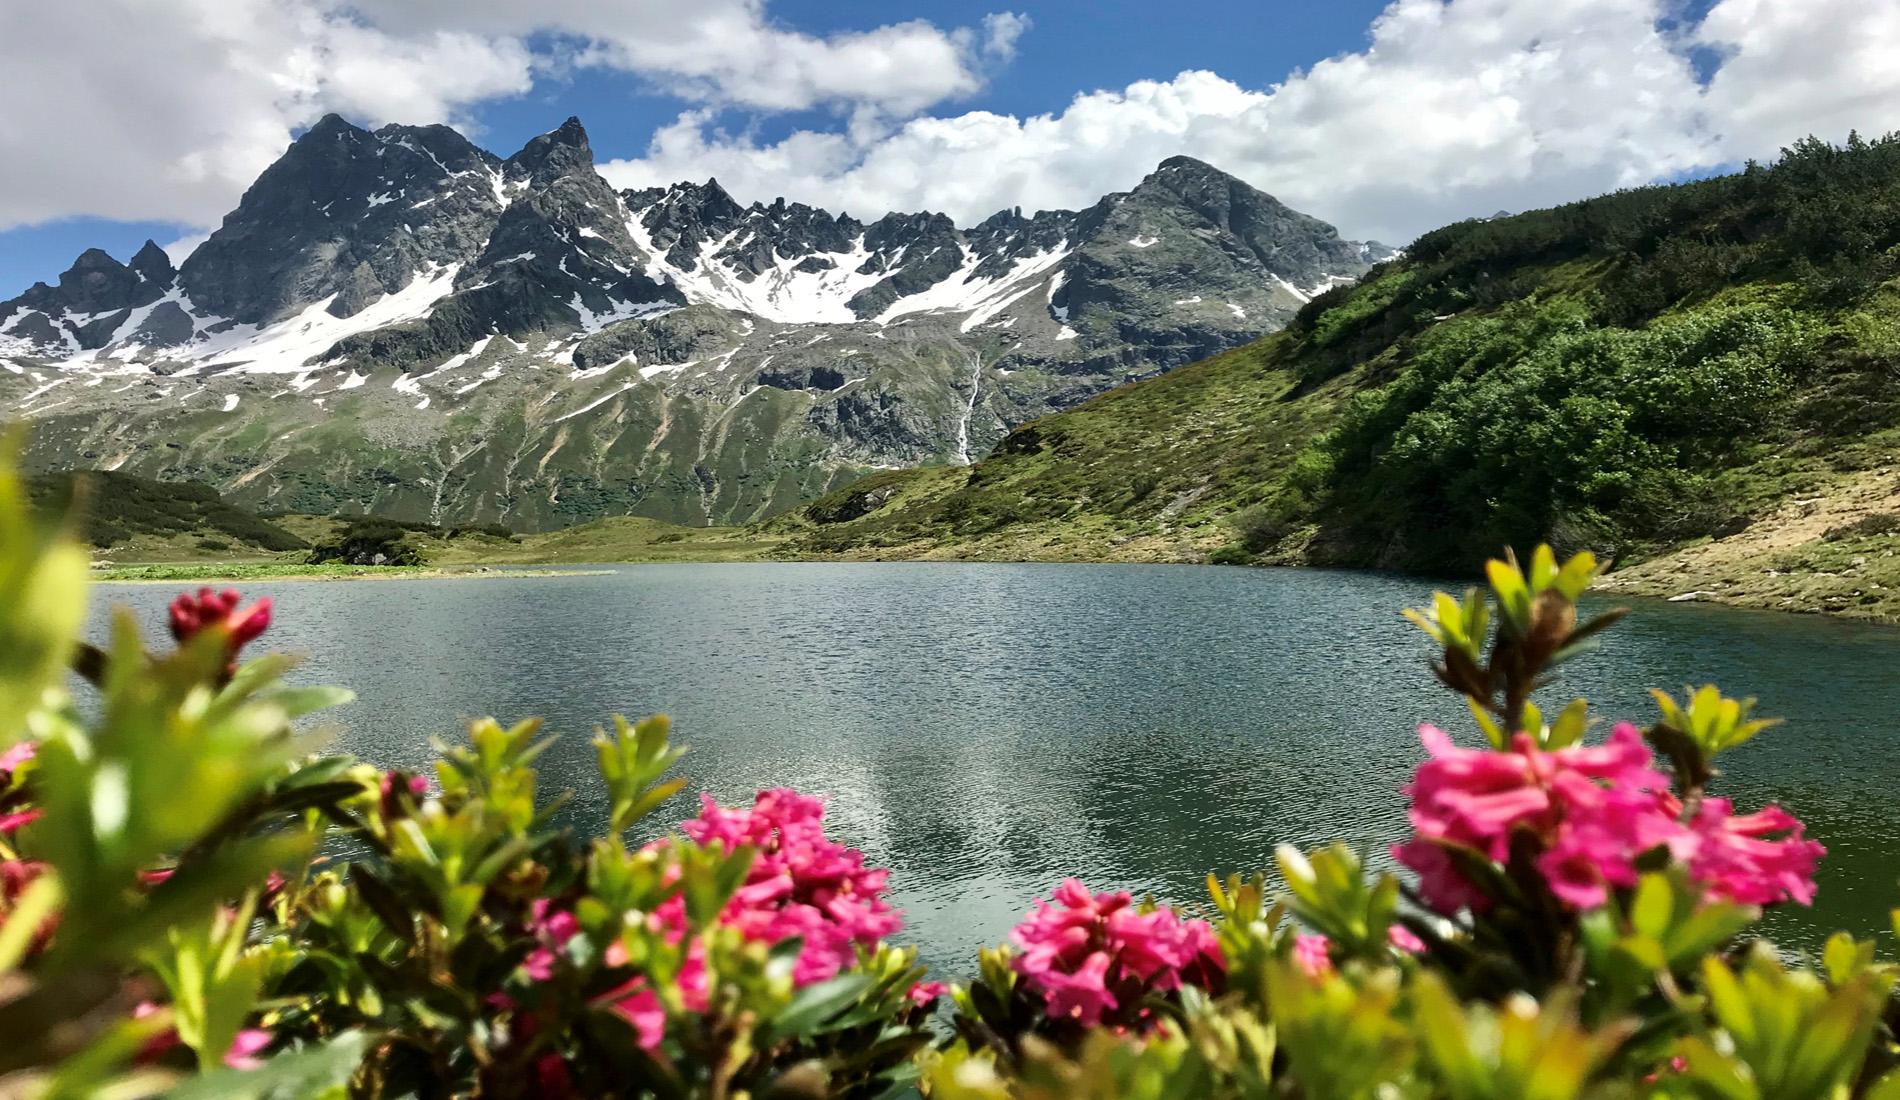 Baden im Bergsee, Wandern oder Mountain biken… schöner geht es nicht